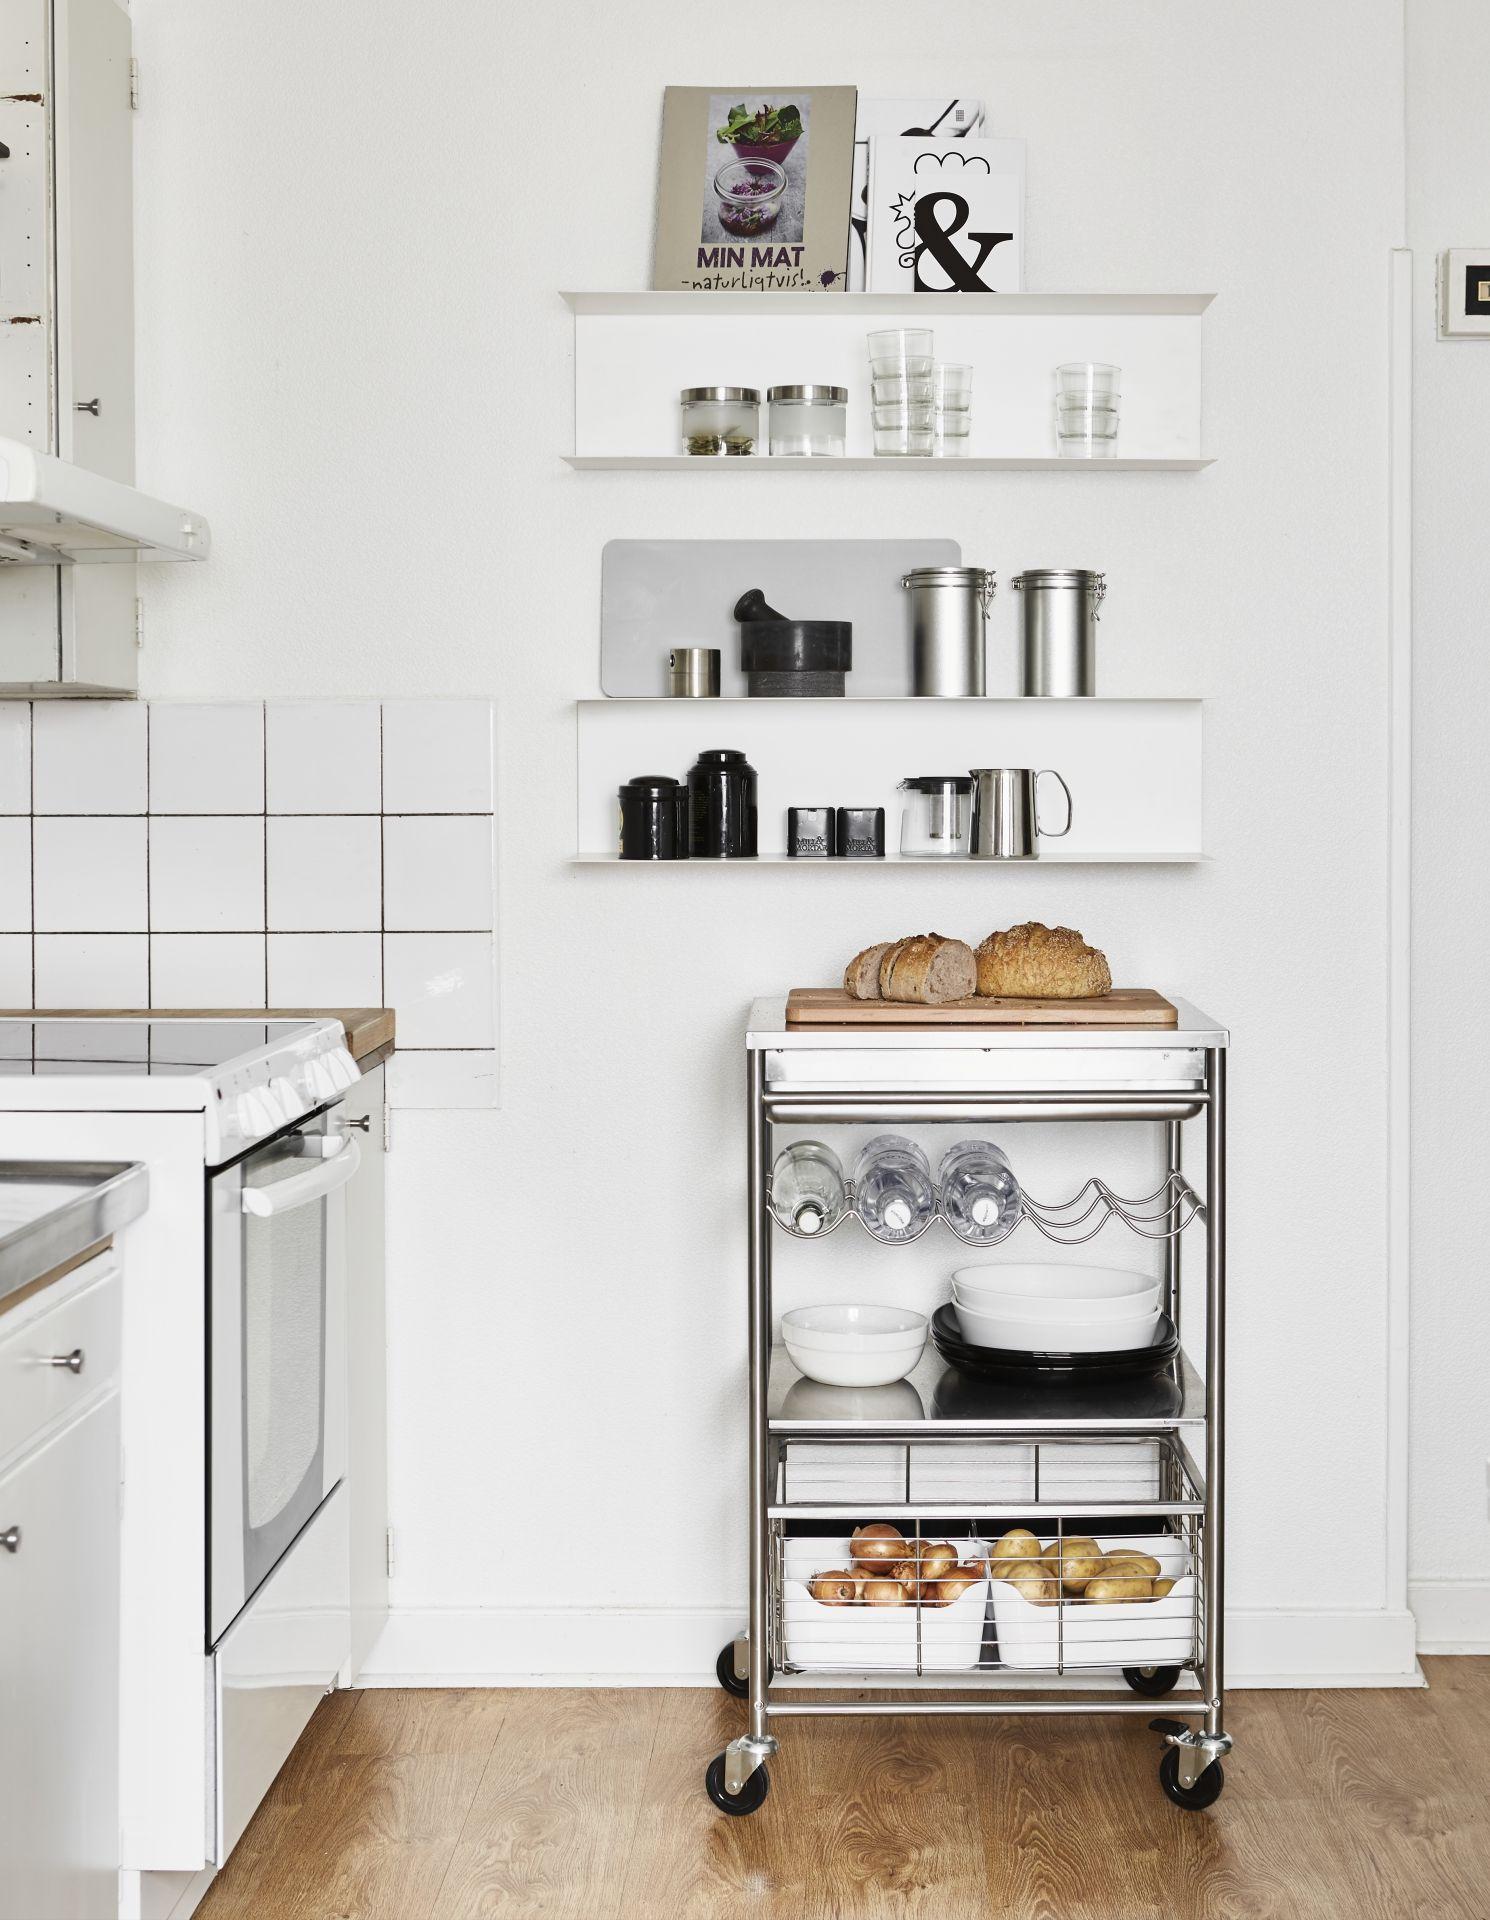 Grundtal Rollwagen Edelstahl Ikea Deutschland Kuche Verschonern Alte Kuche Kucheneinrichtung